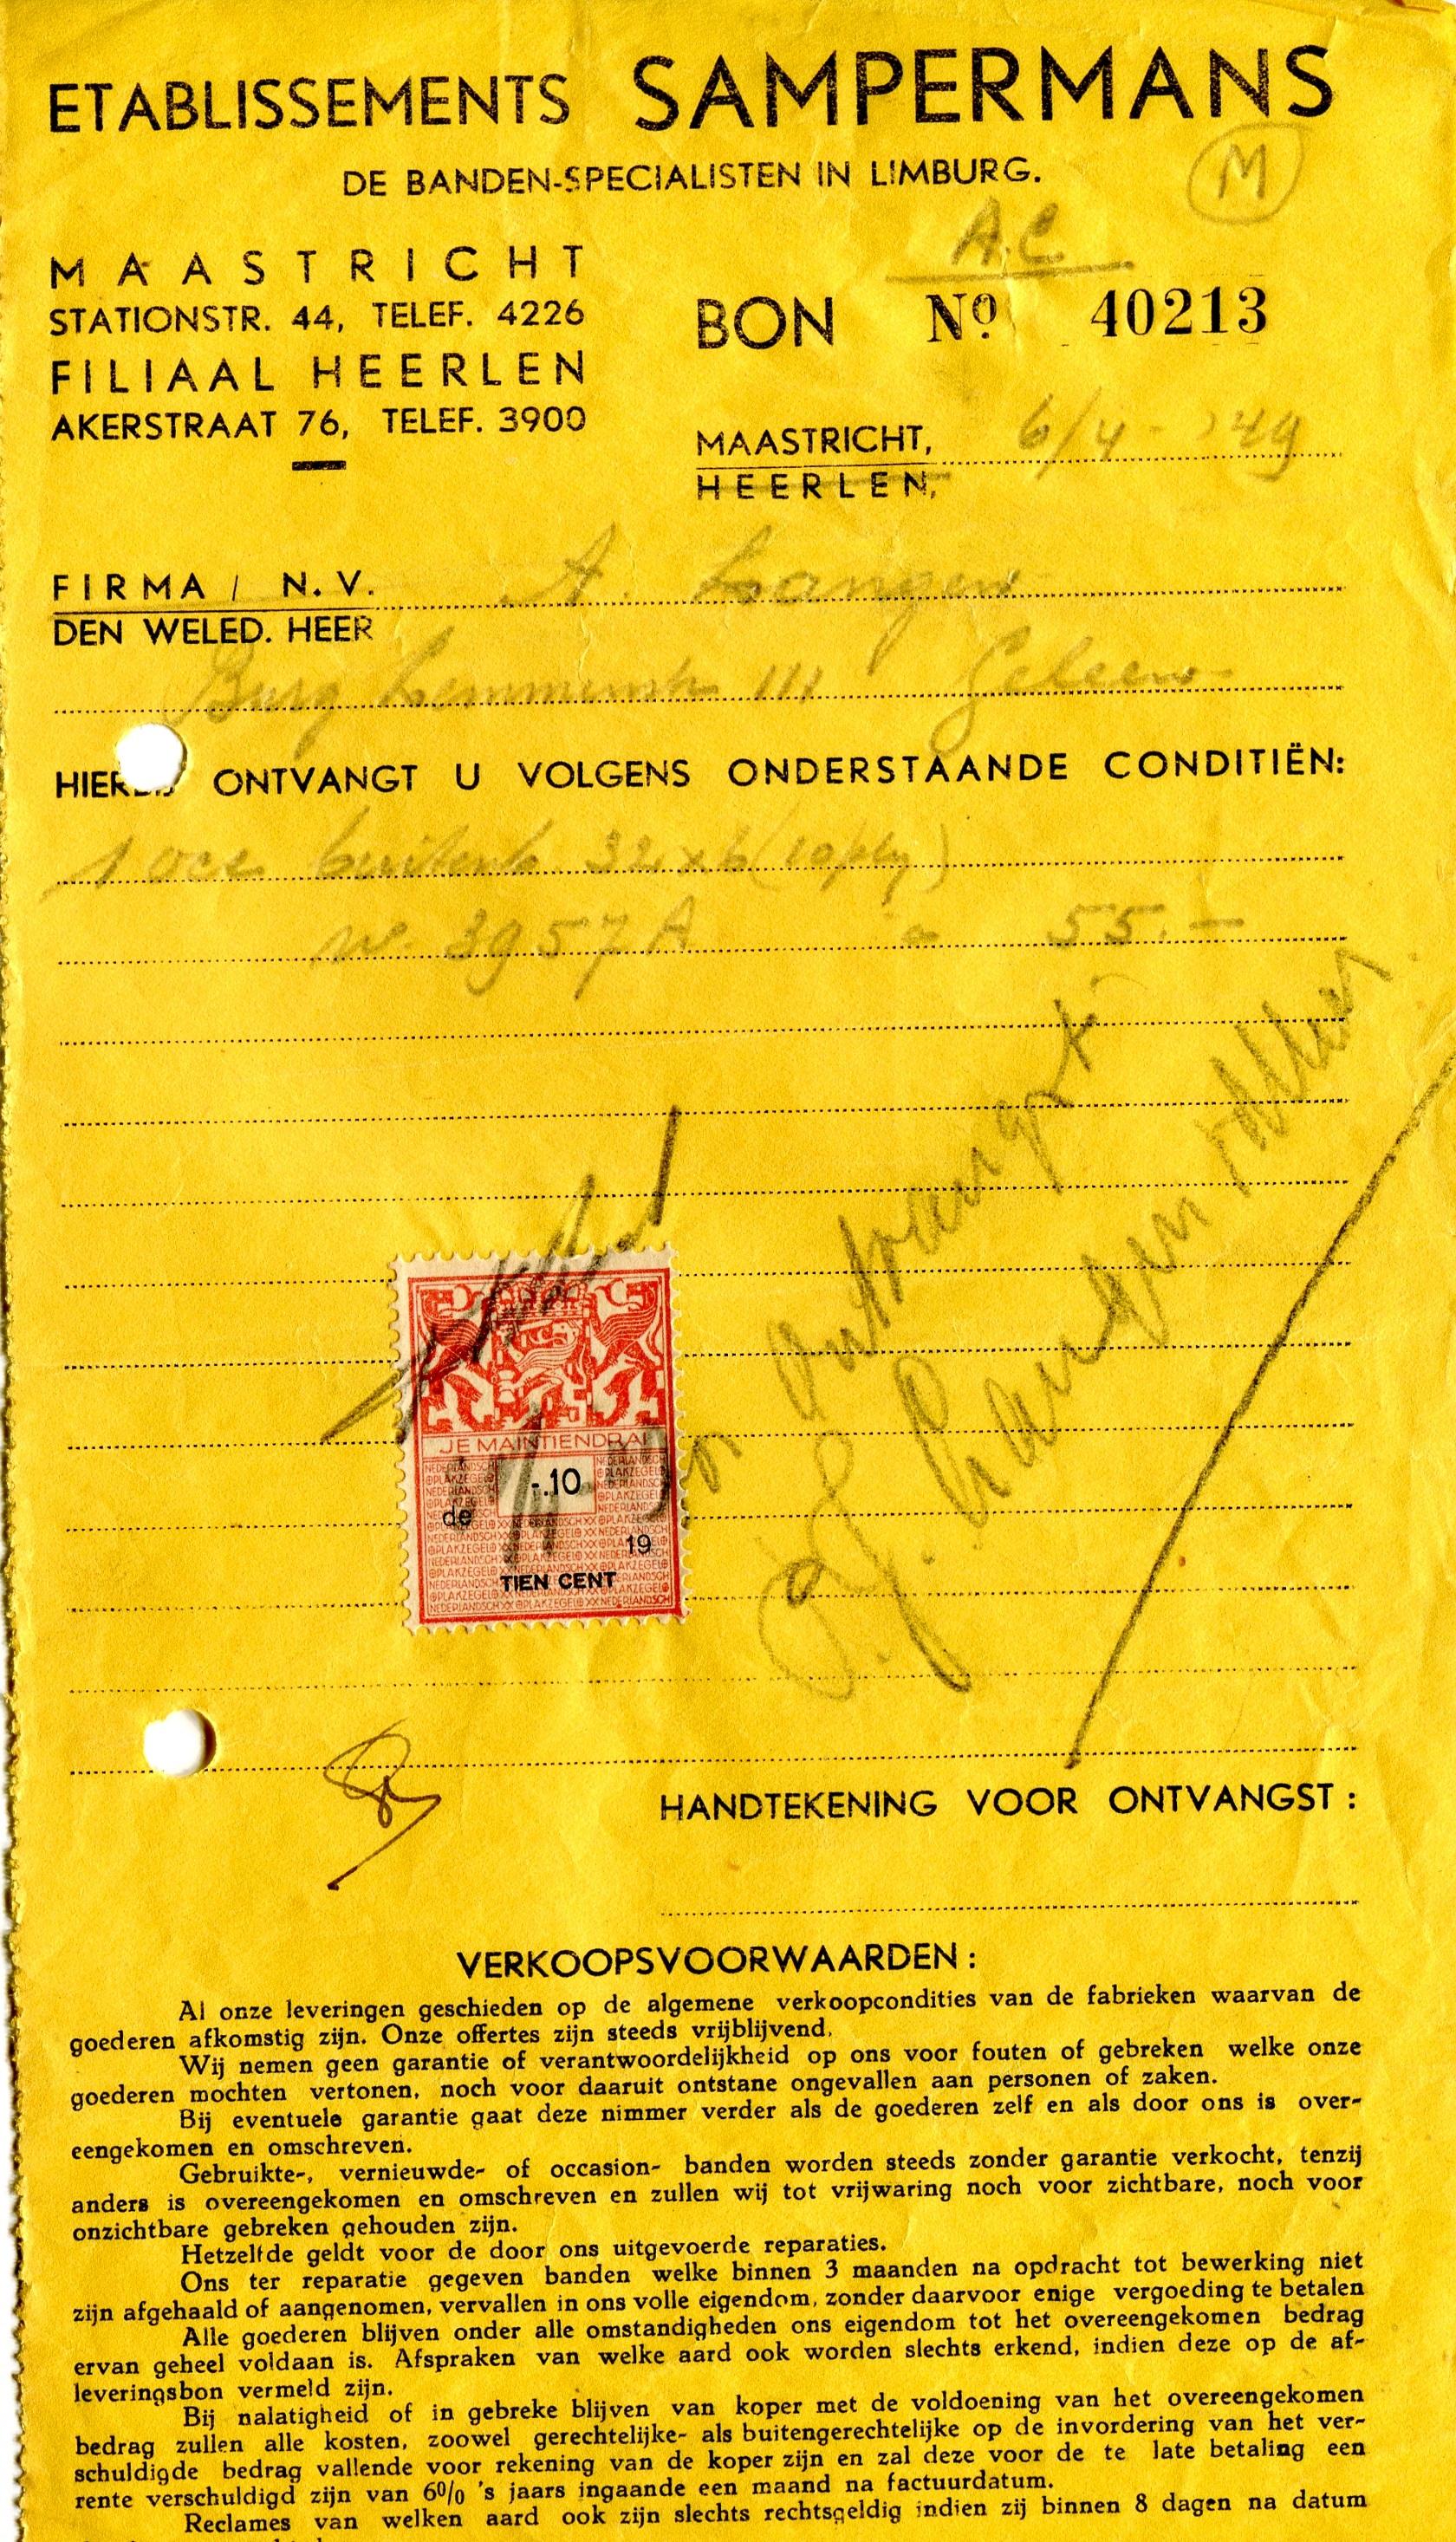 1949-Sampermans-banden